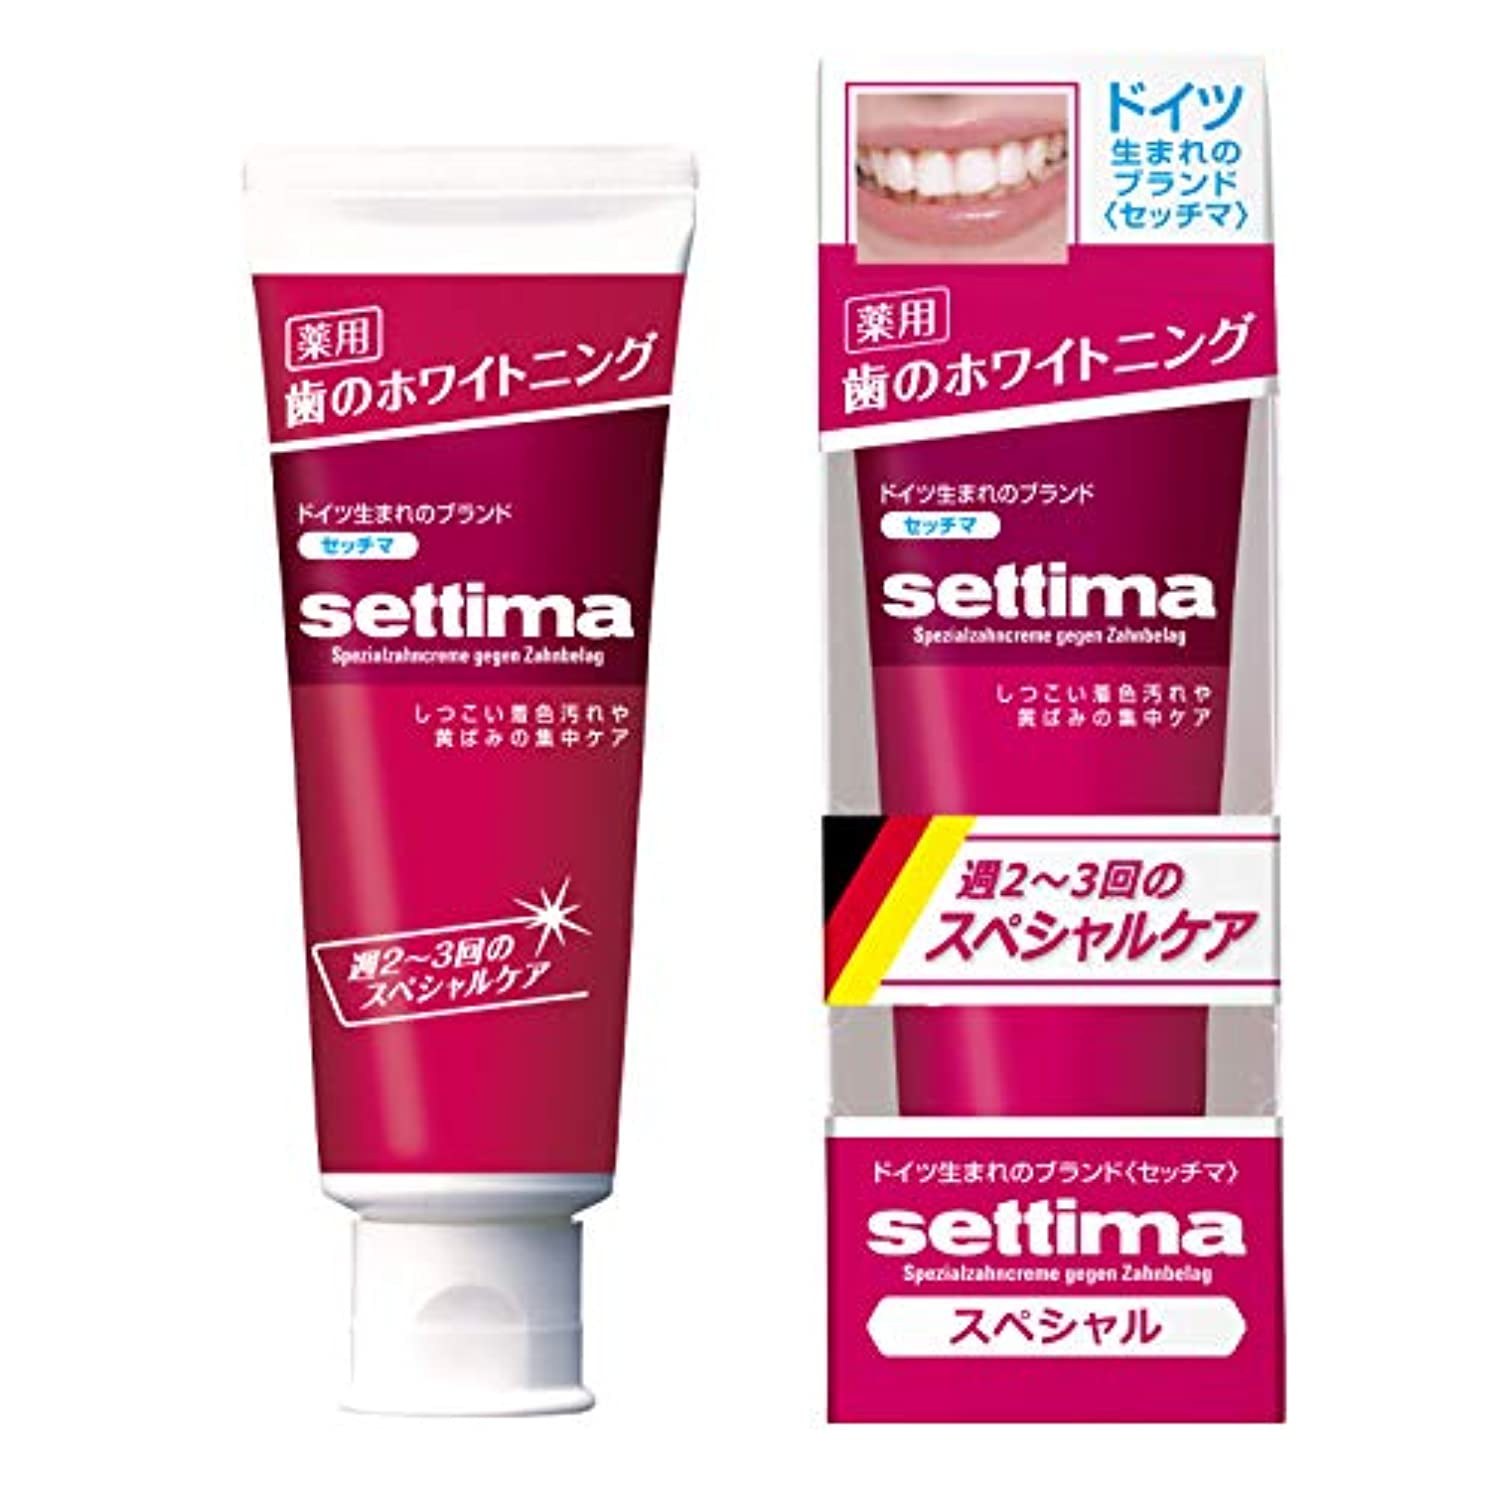 熱心ショット紀元前settima(セッチマ) ホワイトニング 歯みがき スペシャルケア [ペパーミントタイプ] 80g